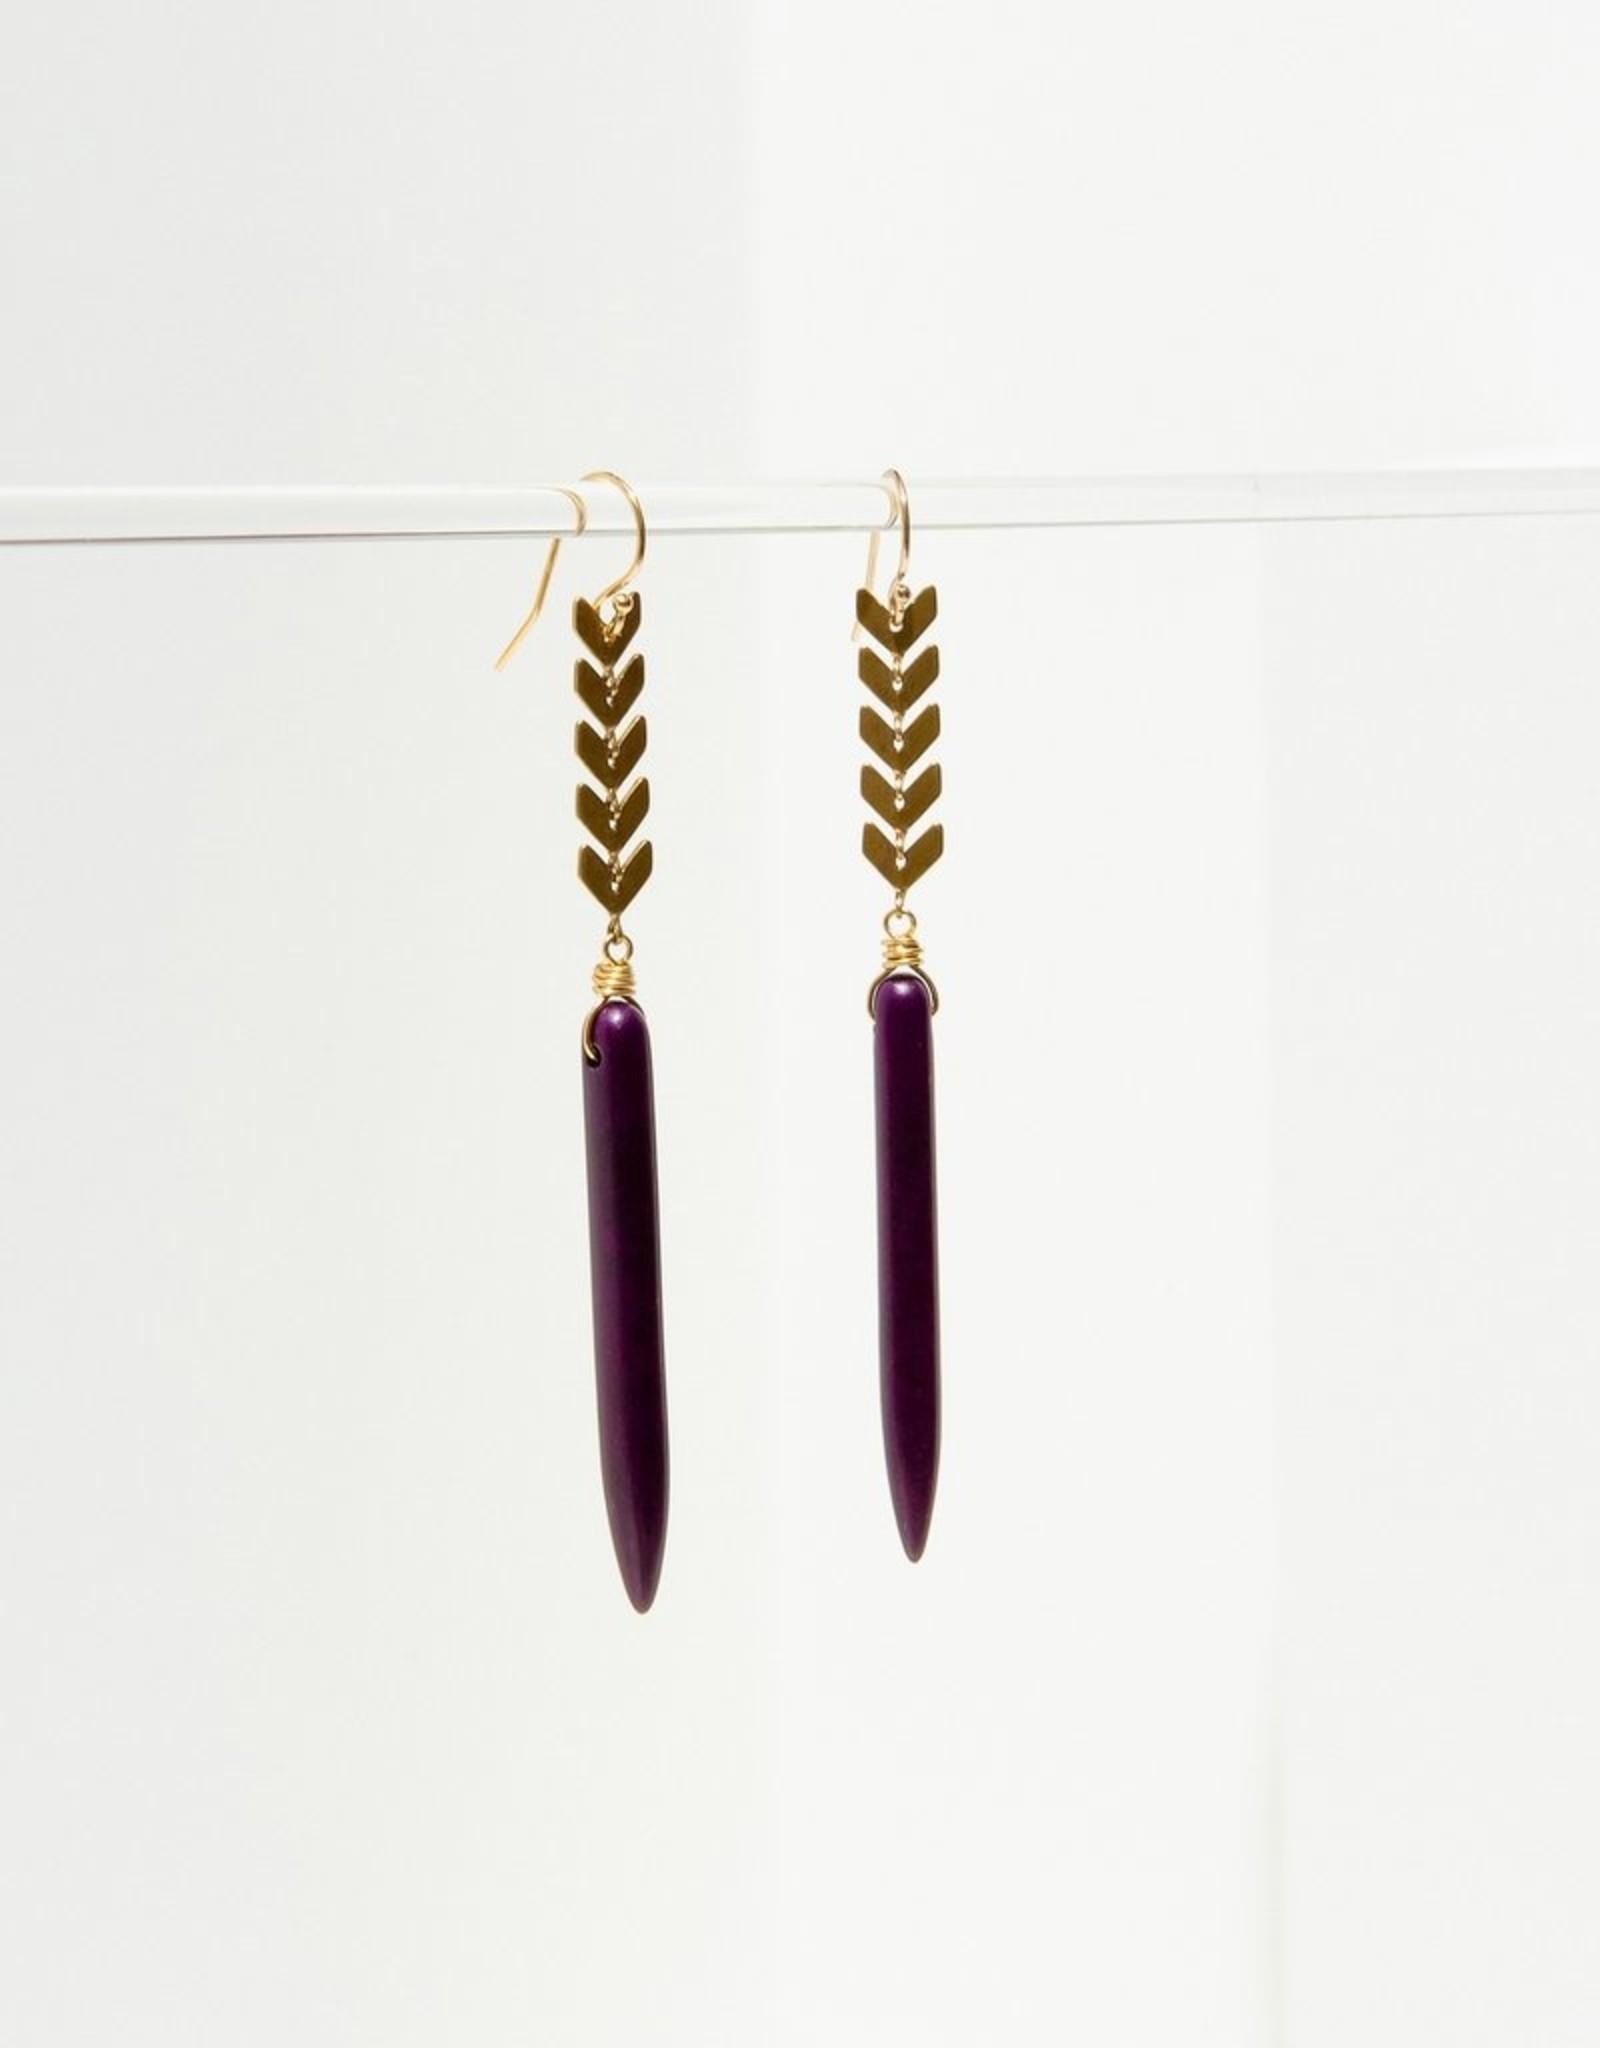 Larissa Loden Jewelry Chevron Spike Earrings by Larissa Loden Jewelry